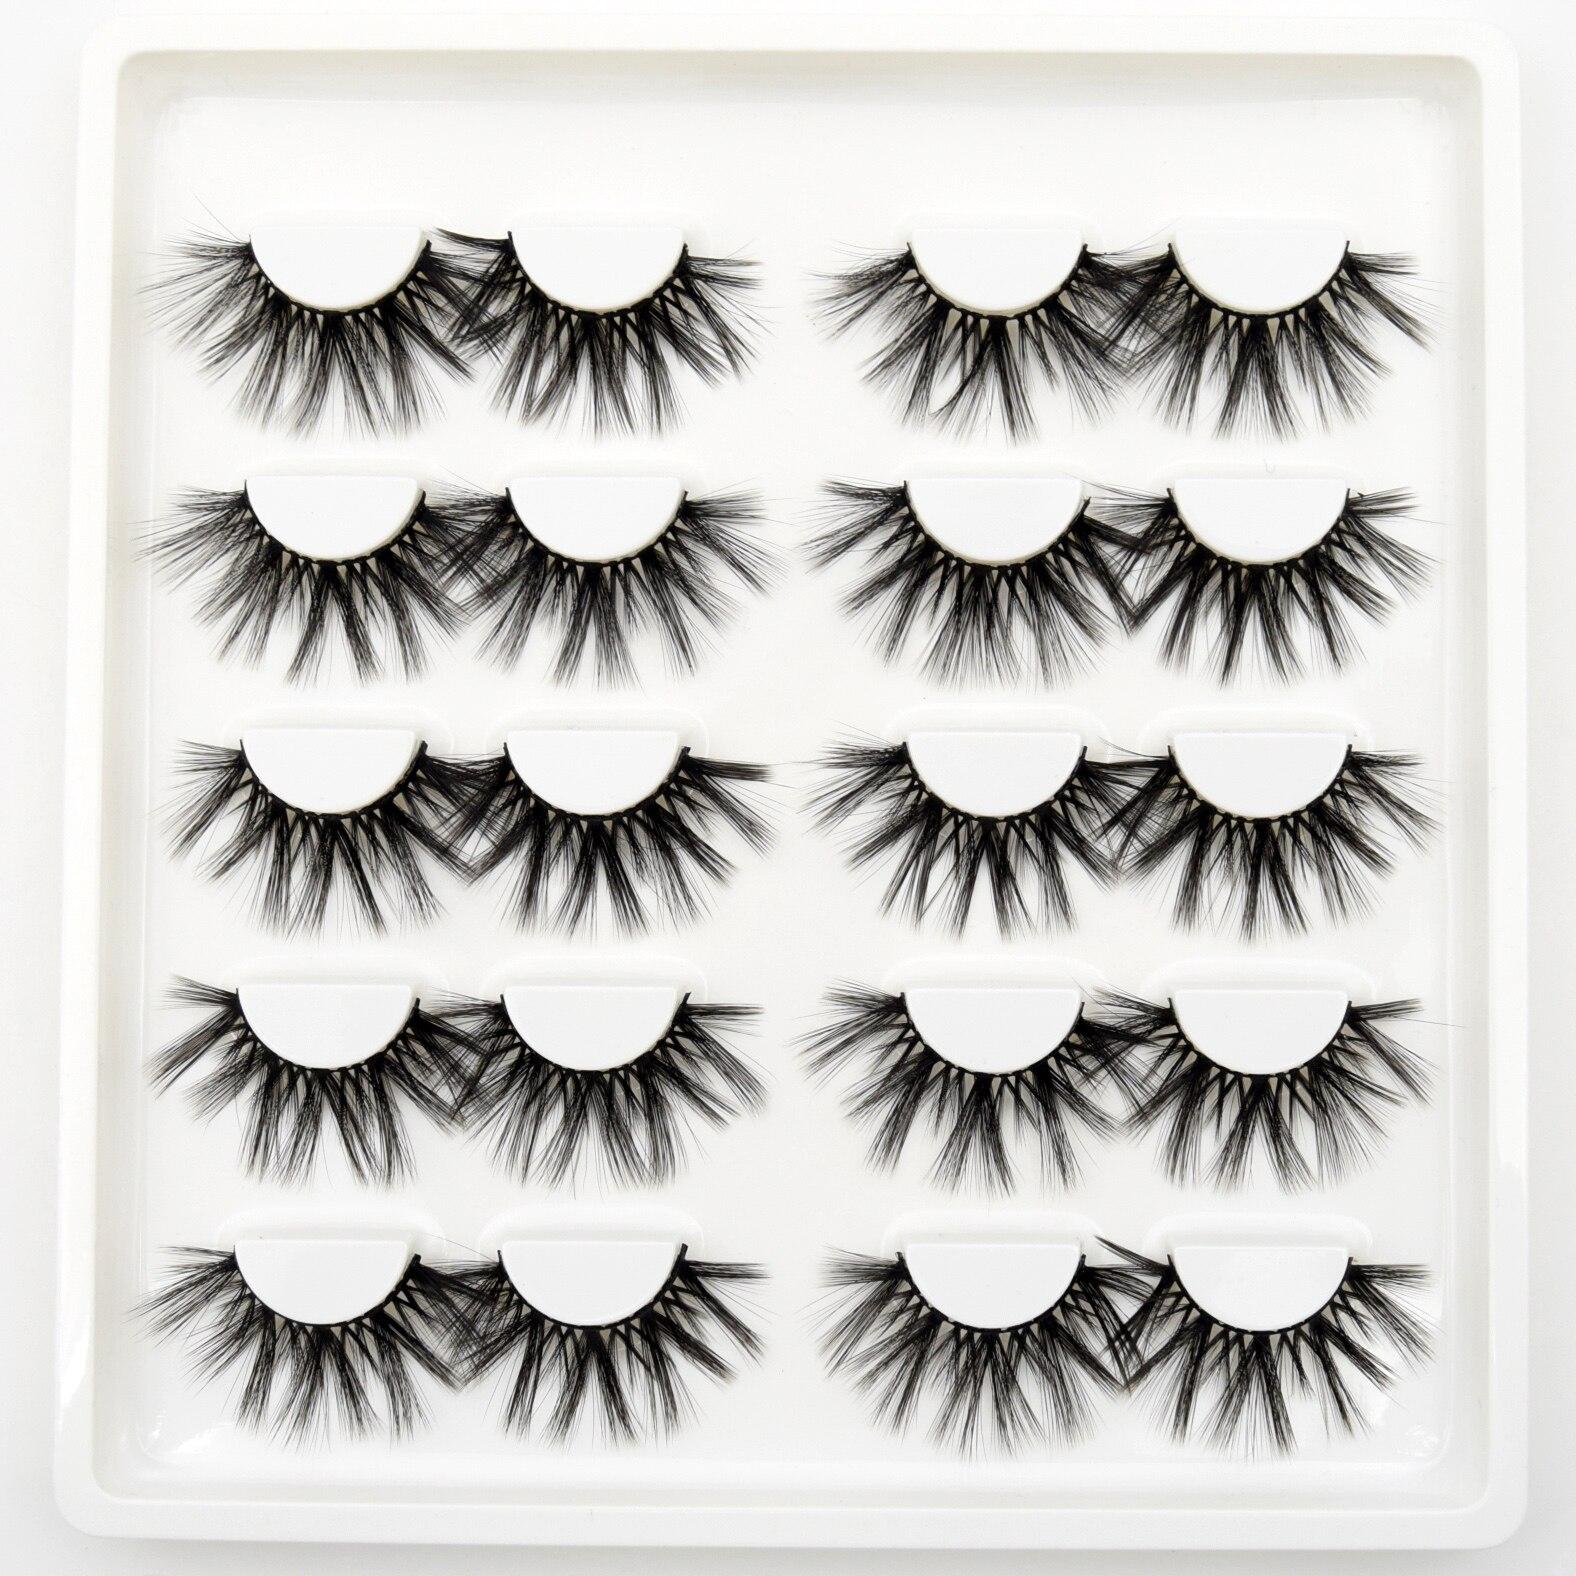 10 Pairs Eyelashes Wholesale Handmade Mink Eyelashes 3d Mink Hair Lashes Dramatic Lashes Makeup 3d High Volume False Eyelashes